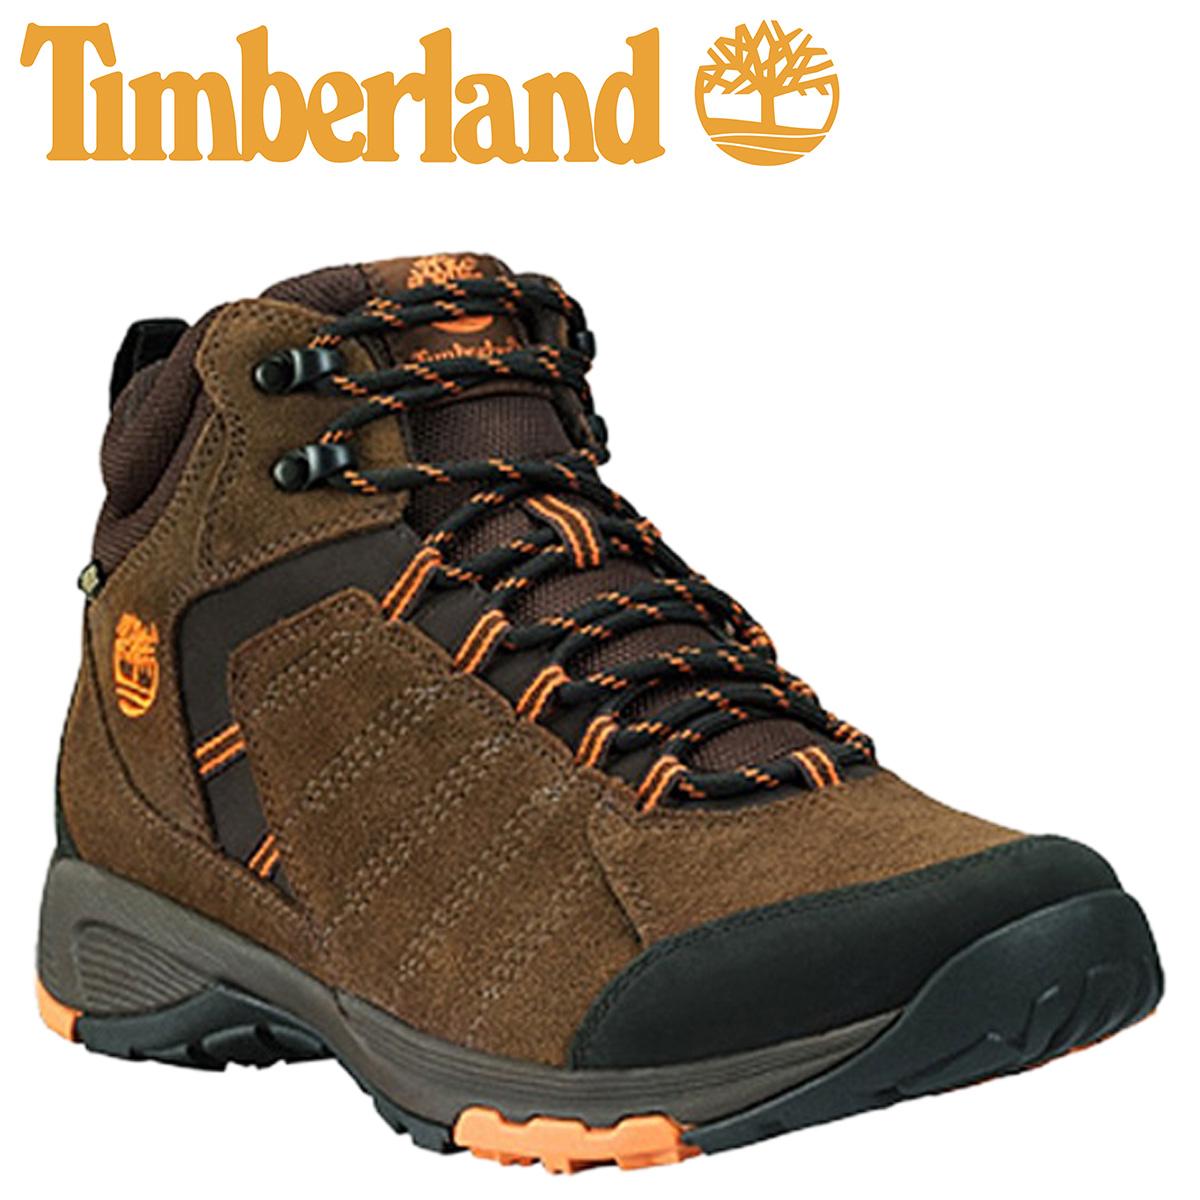 a3cac3b0e23 Timberland Timberland till ton mid Gore-Tex boots TILTON MID GORE-TEX  Gore-Tex 9730R brown men